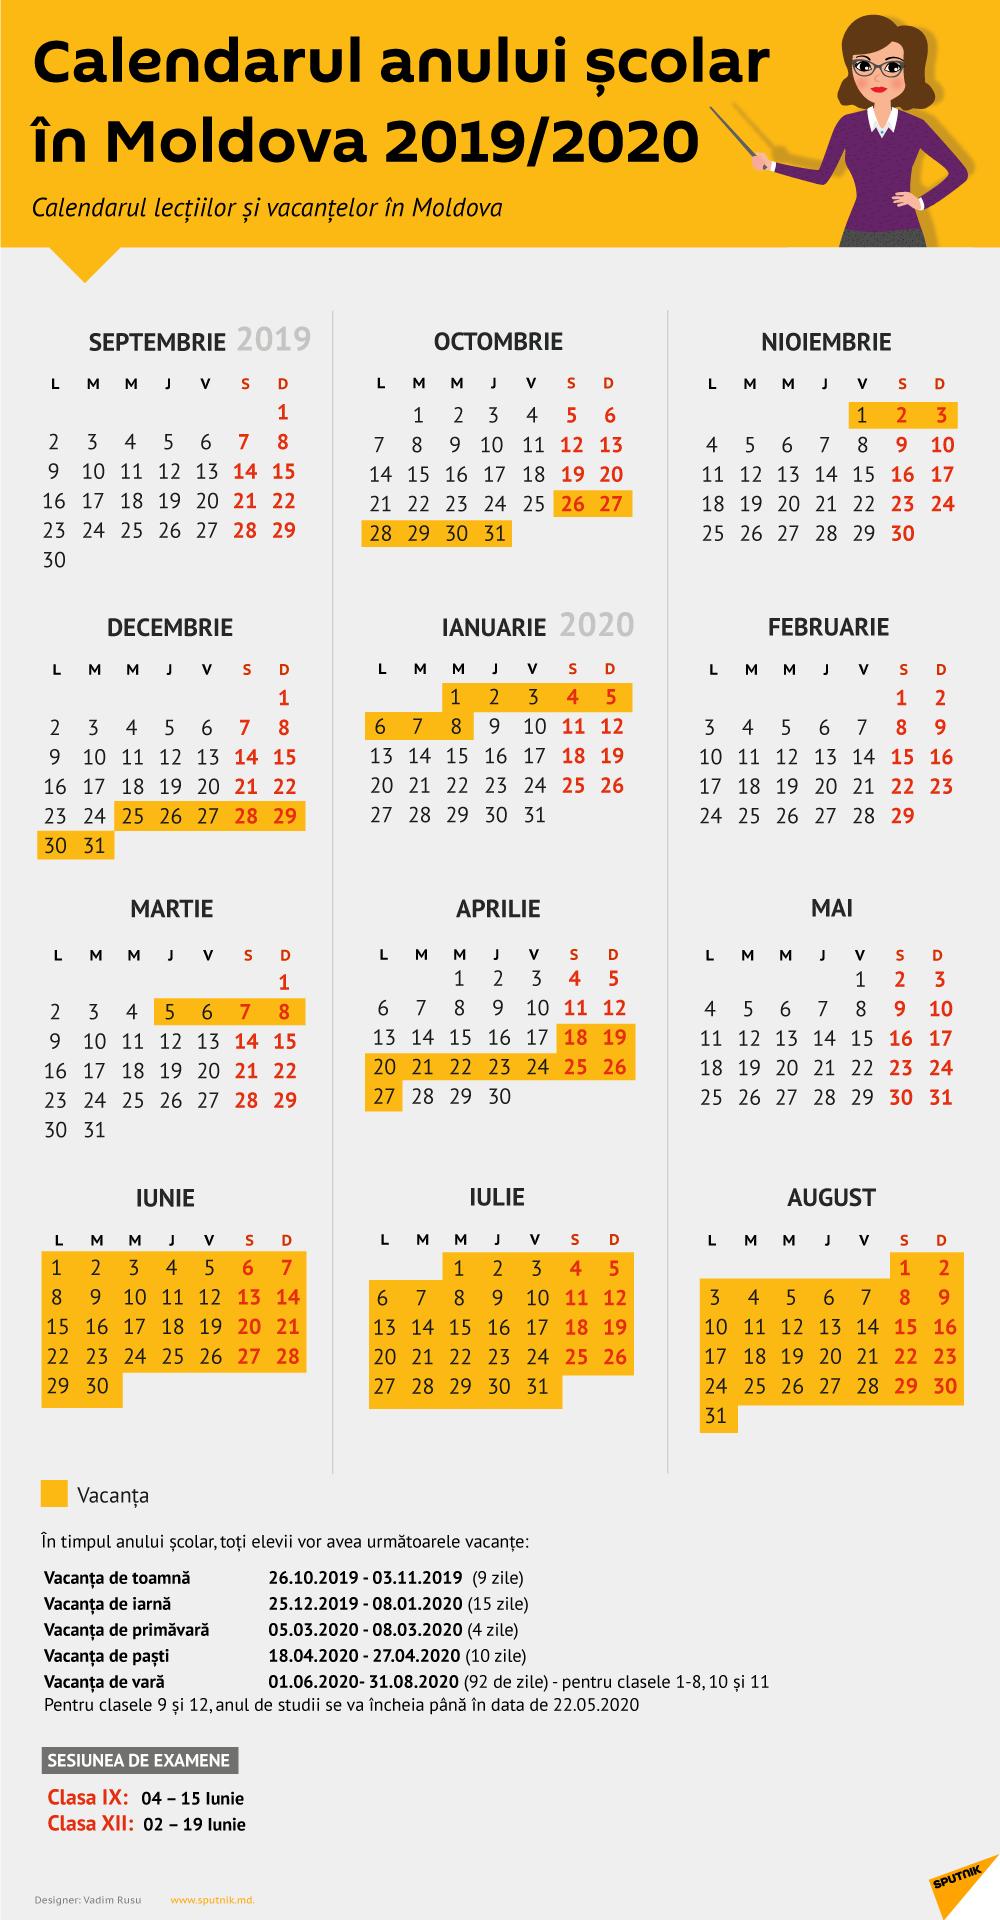 Structura Anului Școlar 2019 Și 2020 - Calendar Moldova